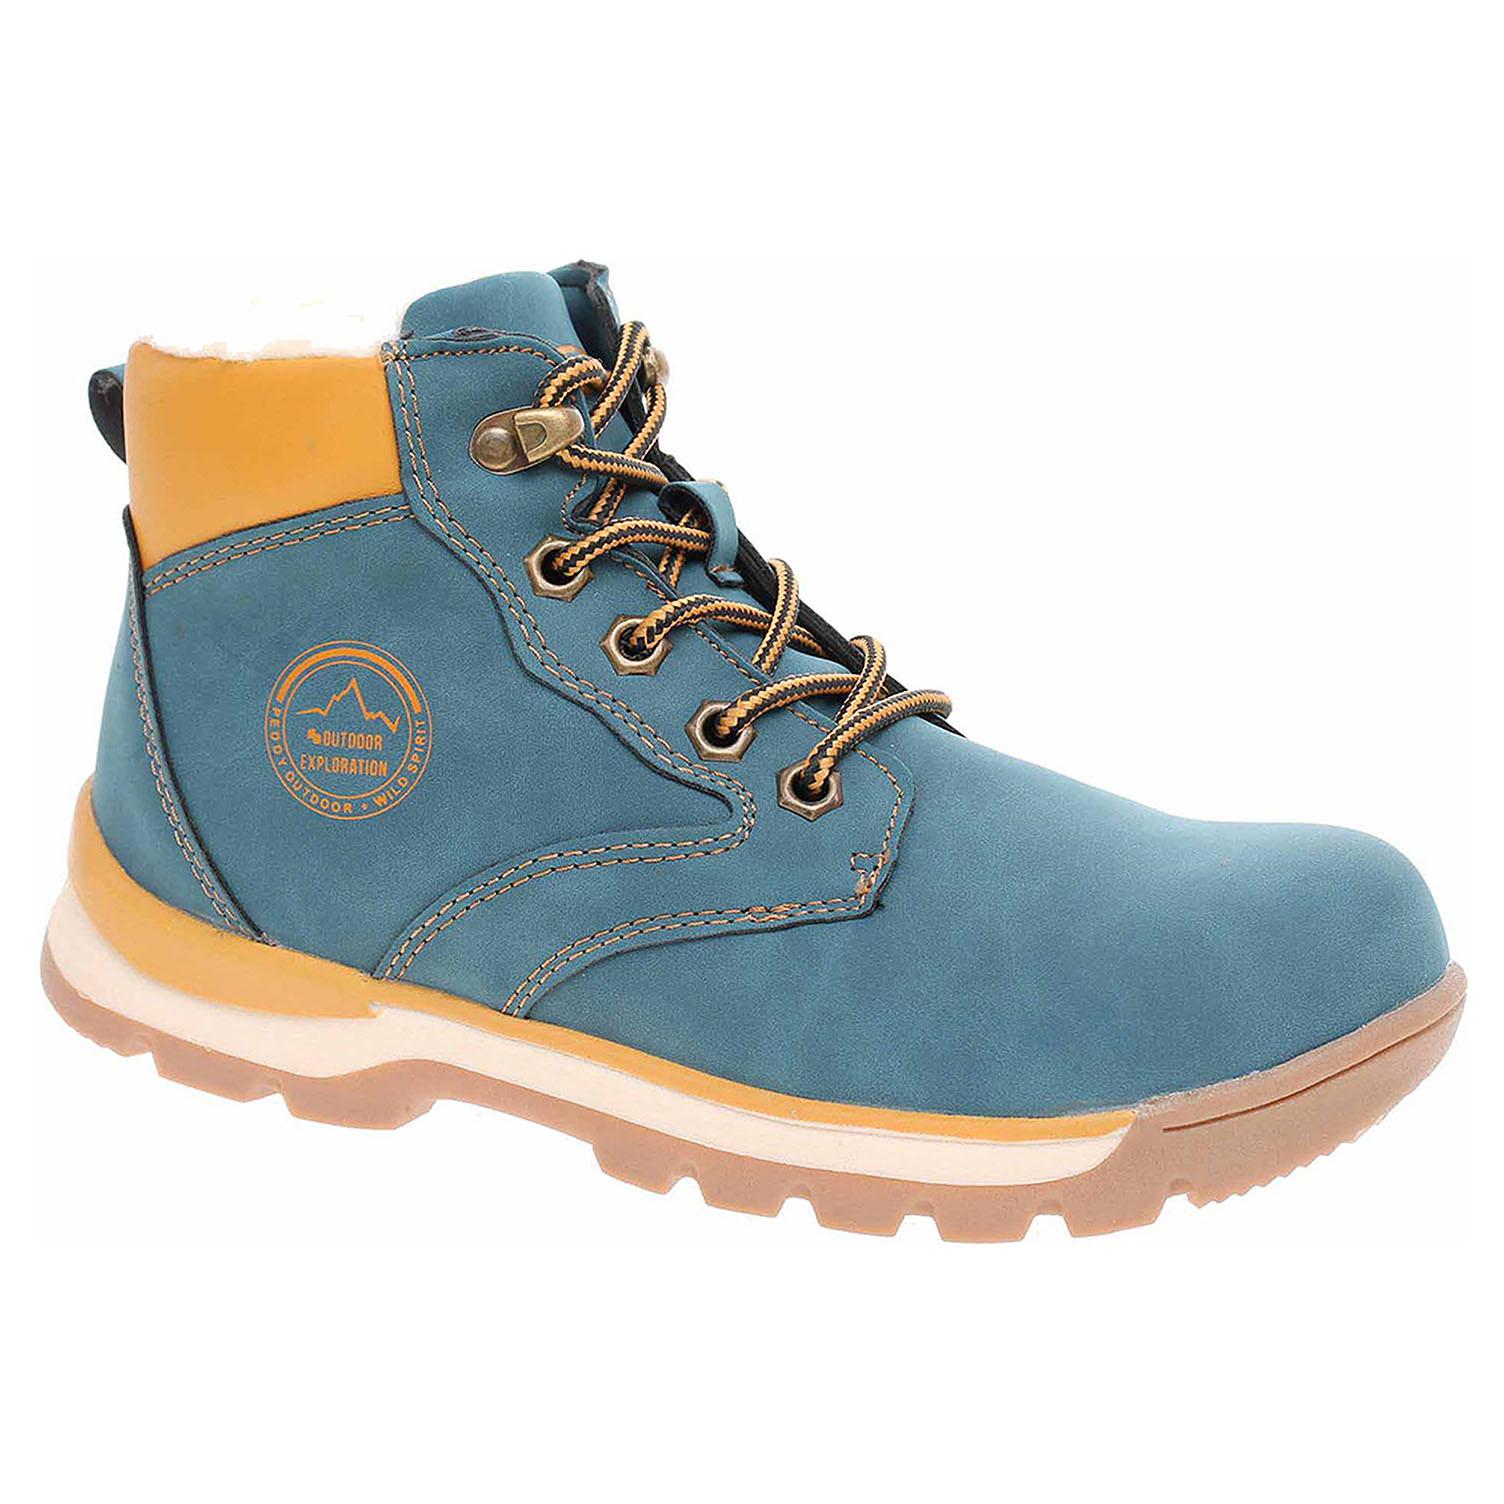 102ac46402a72 Ecco Chlapecká kotníková obuv Peddy P1-536-37-04 navy 29400106